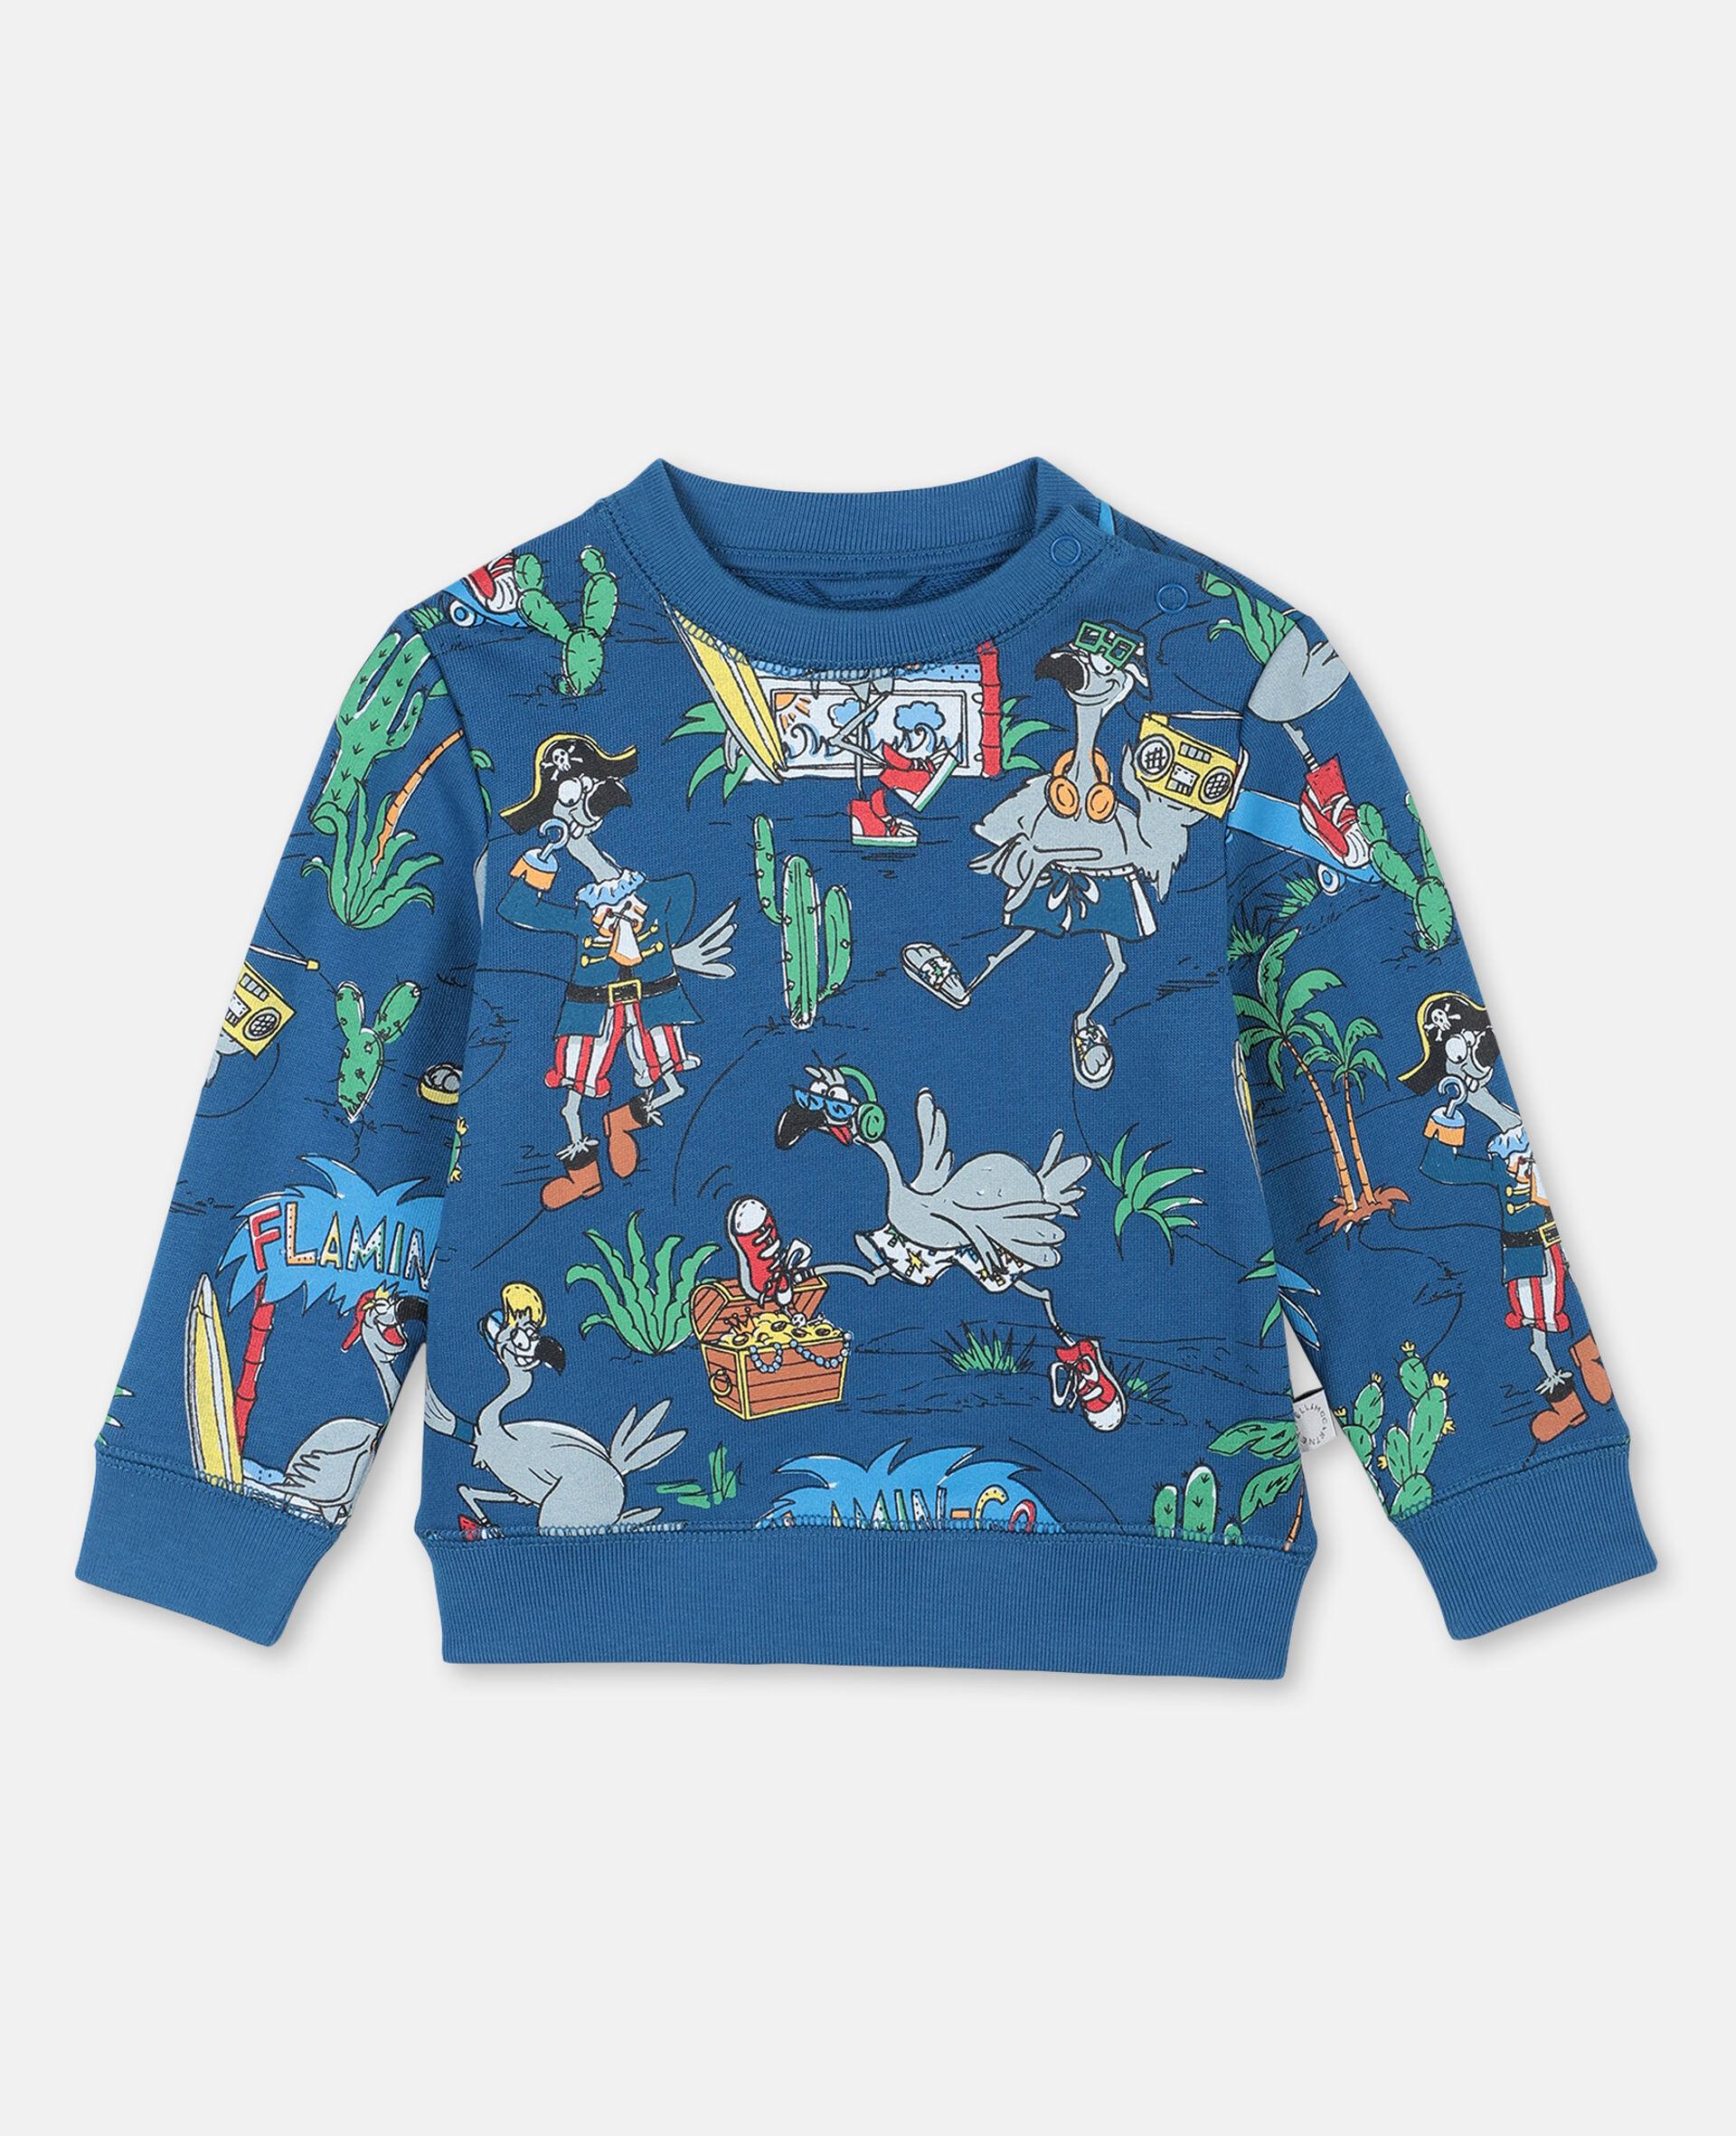 Flamingo Land Cotton Sweatshirt -Blue-large image number 0